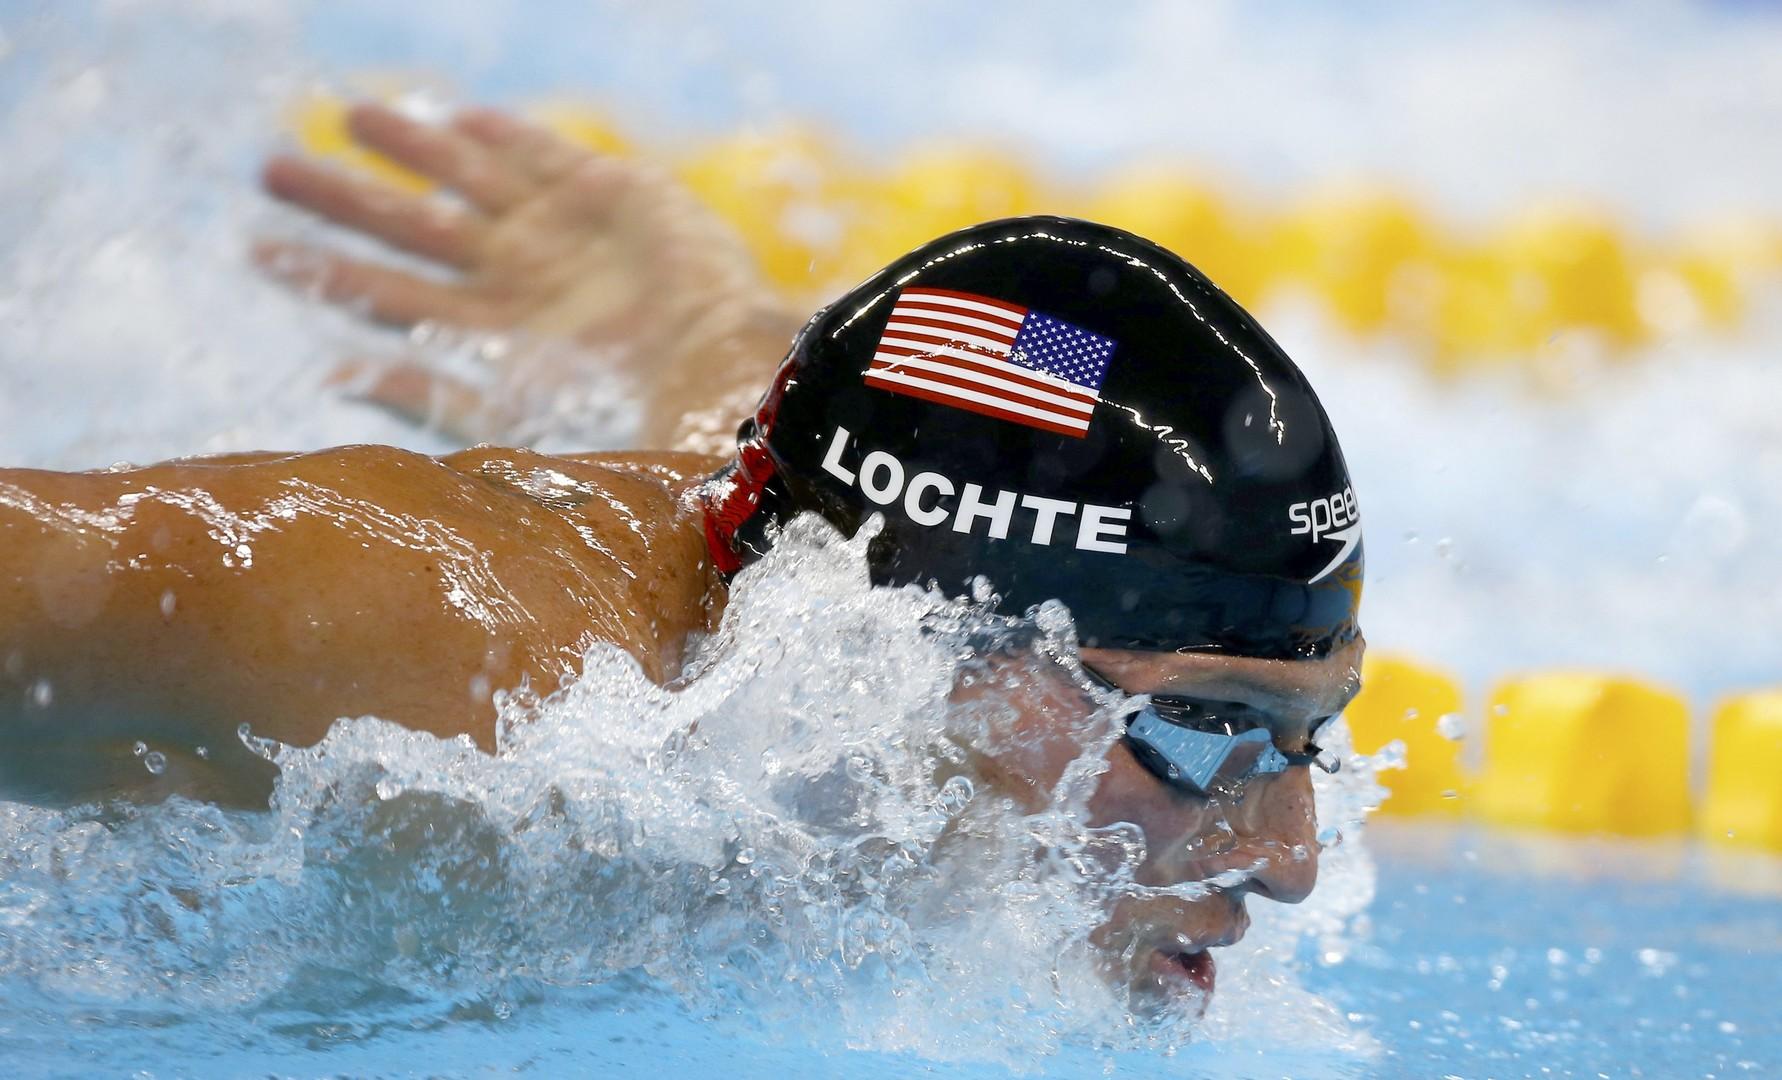 Олимпийскому чемпиону из США, совравшему об ограблении в Бразилии, предъявлены обвинения